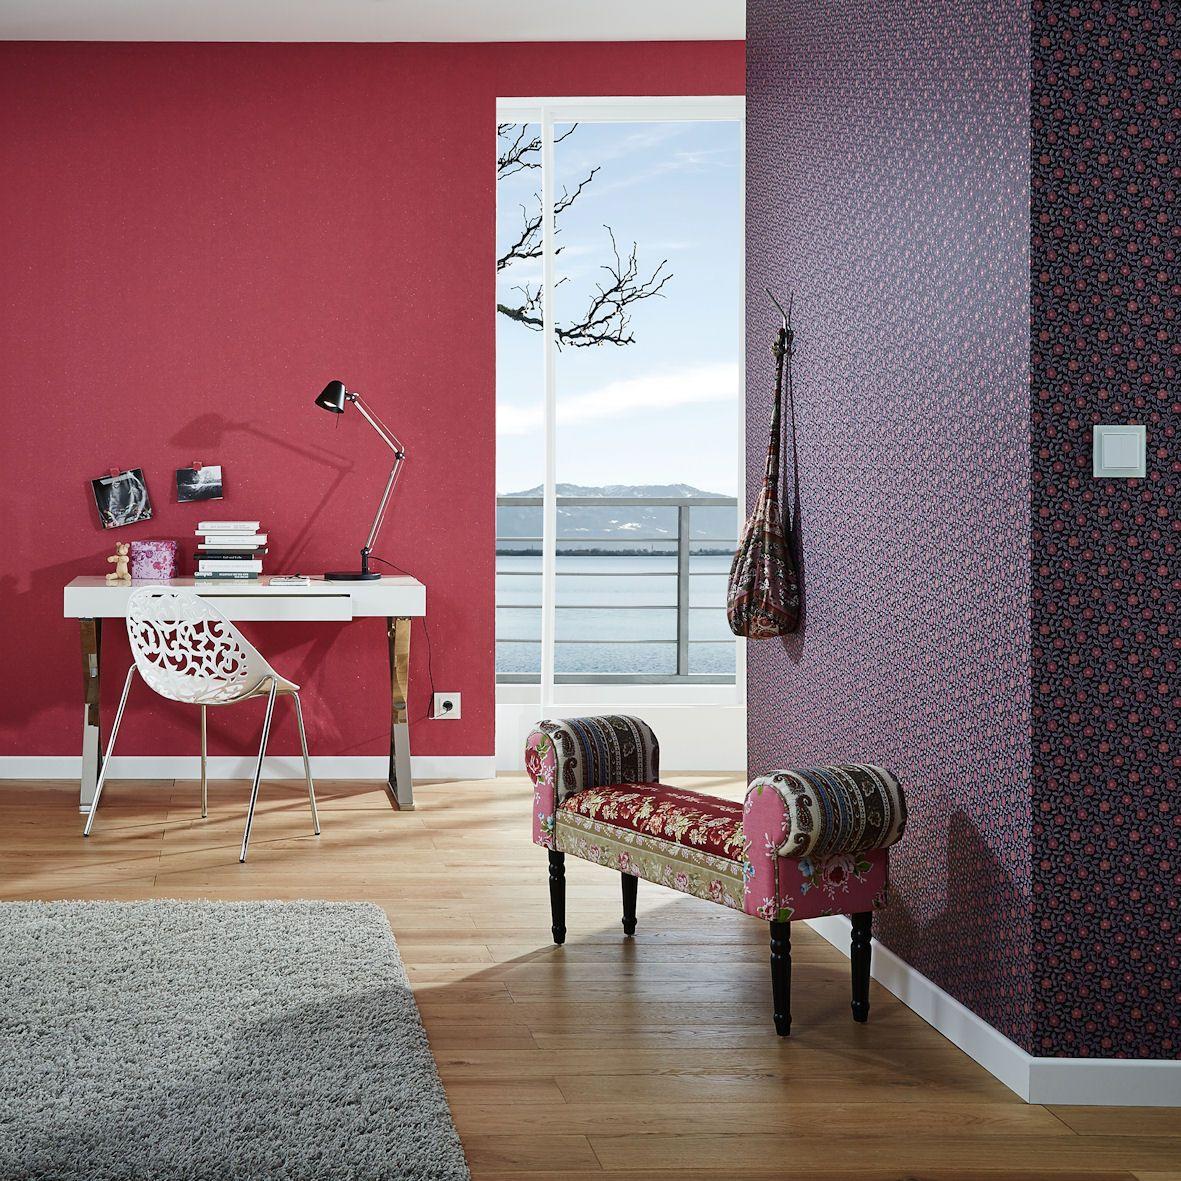 Iberia pisos importados pisos ceramicos ceramica tapiz - Ceramicos para banos ...